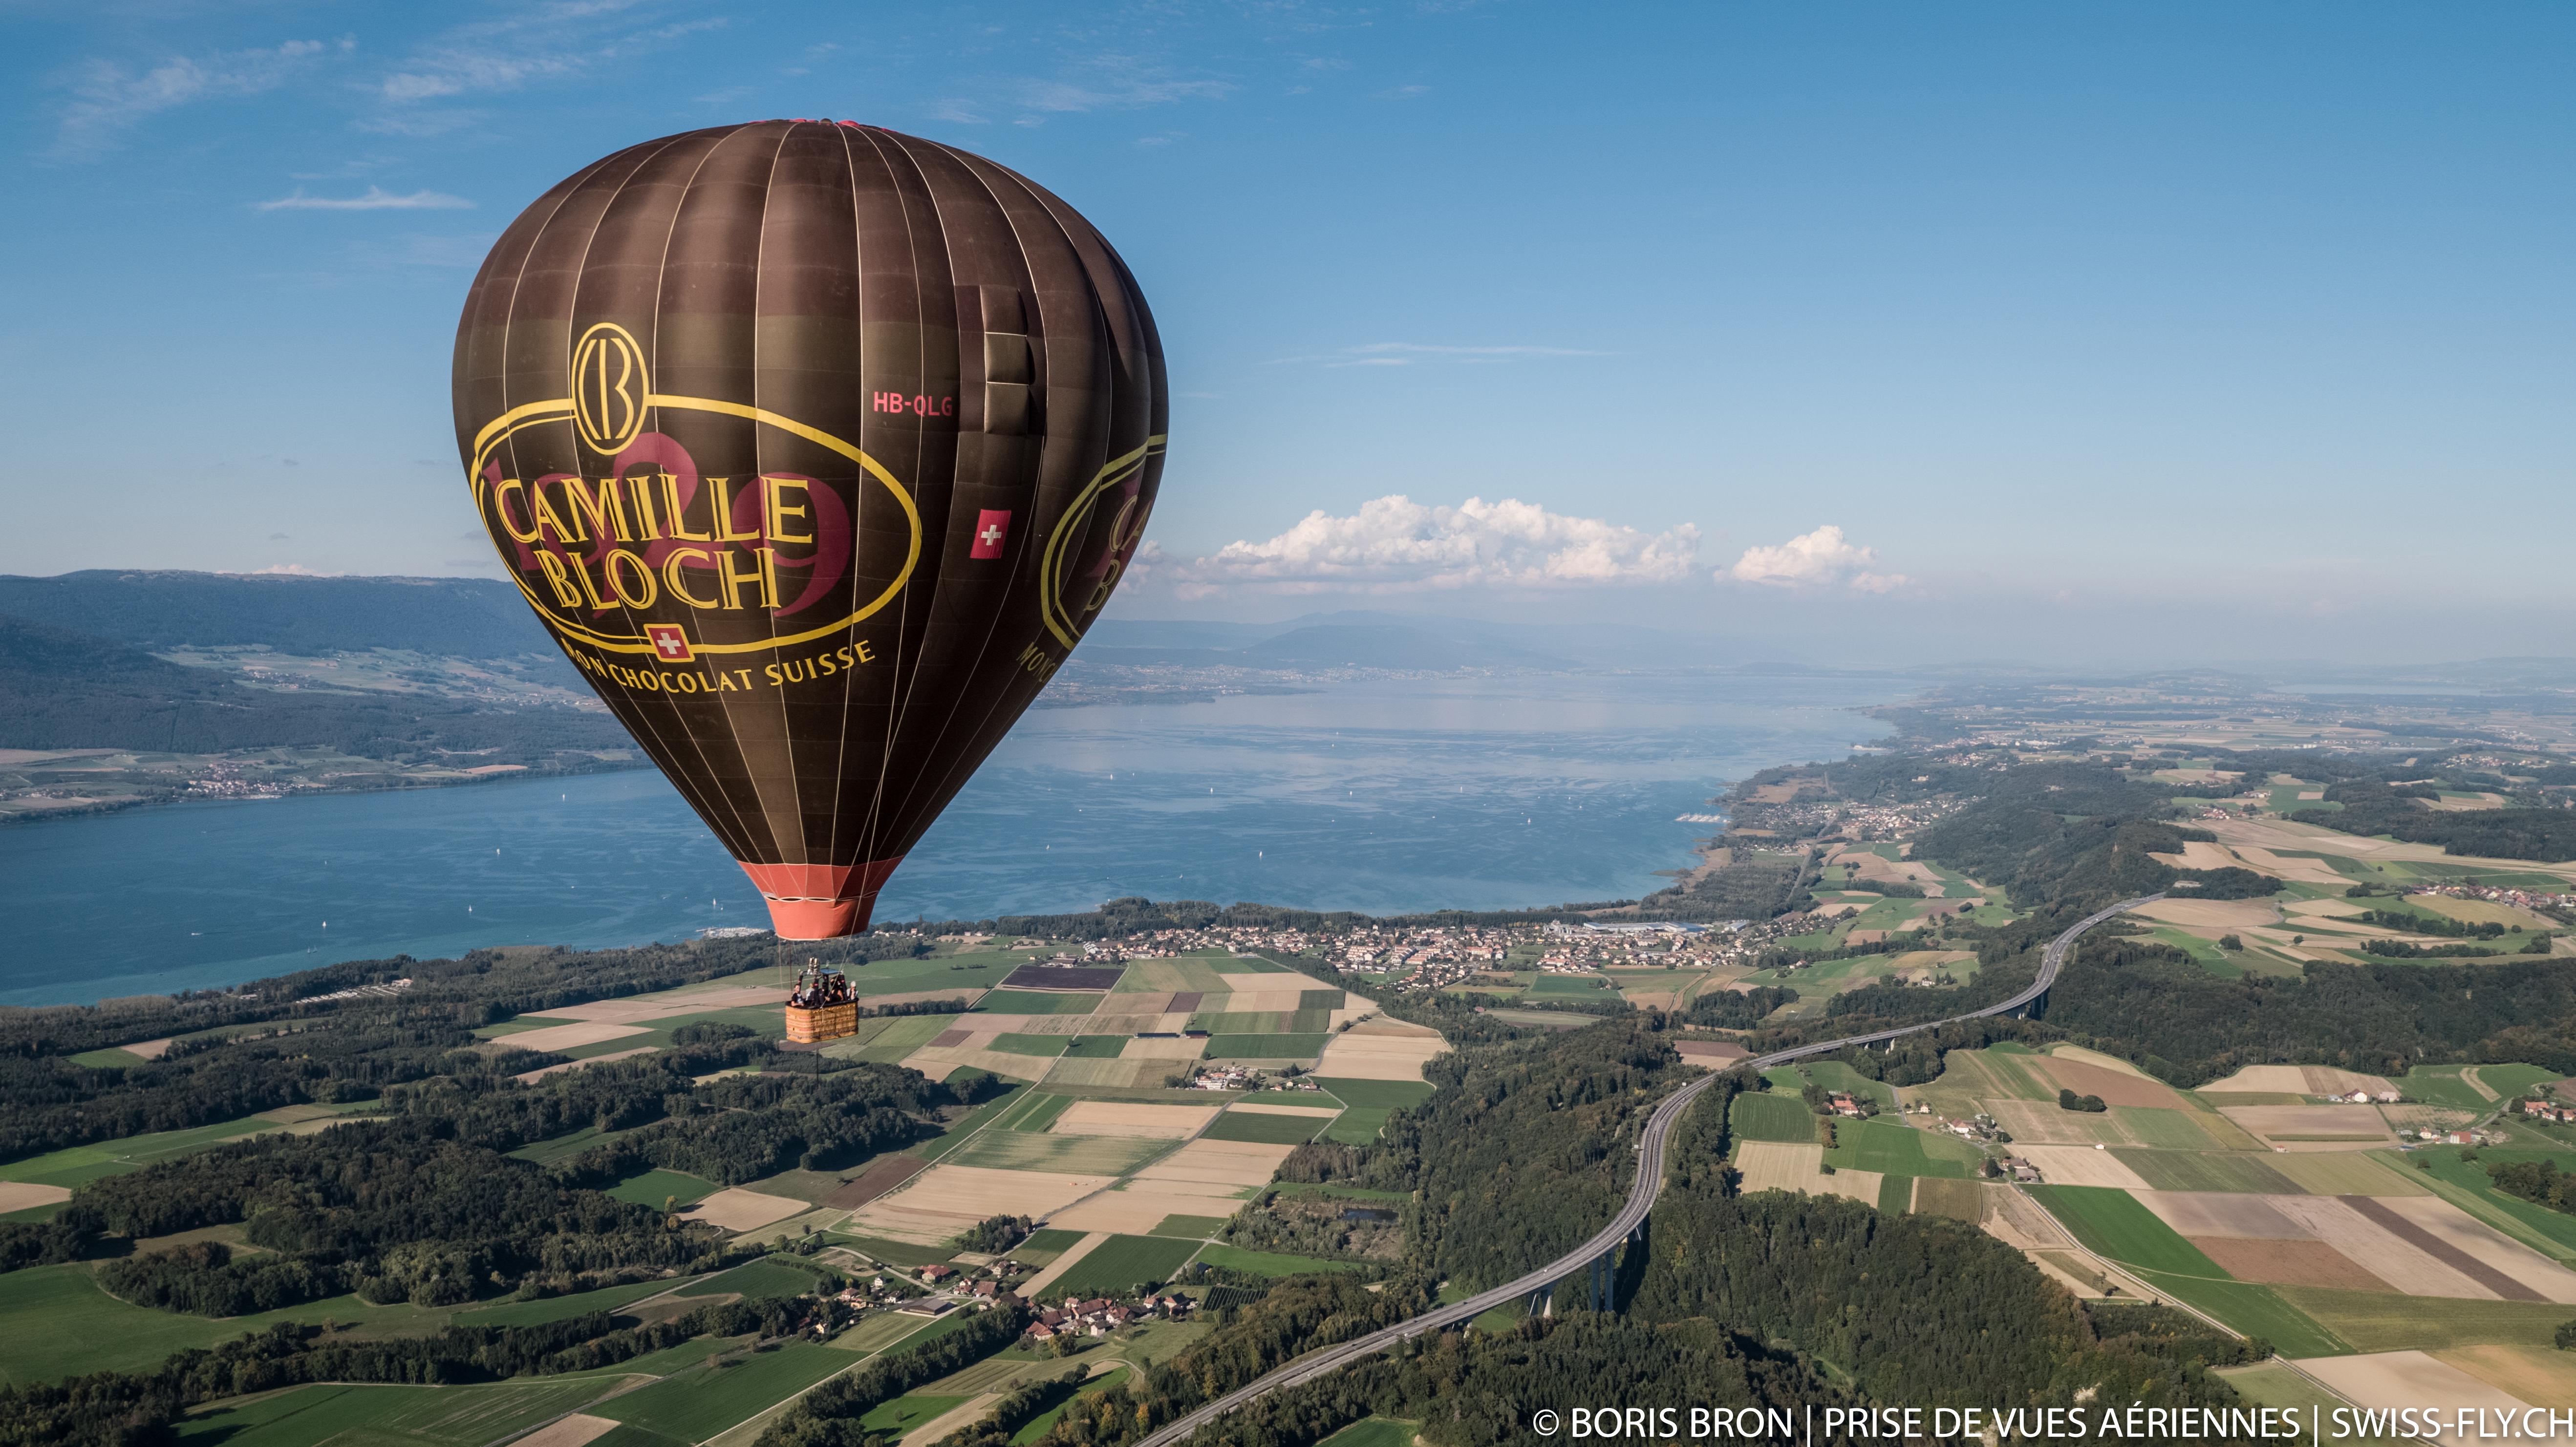 Ballon Camille Bloch